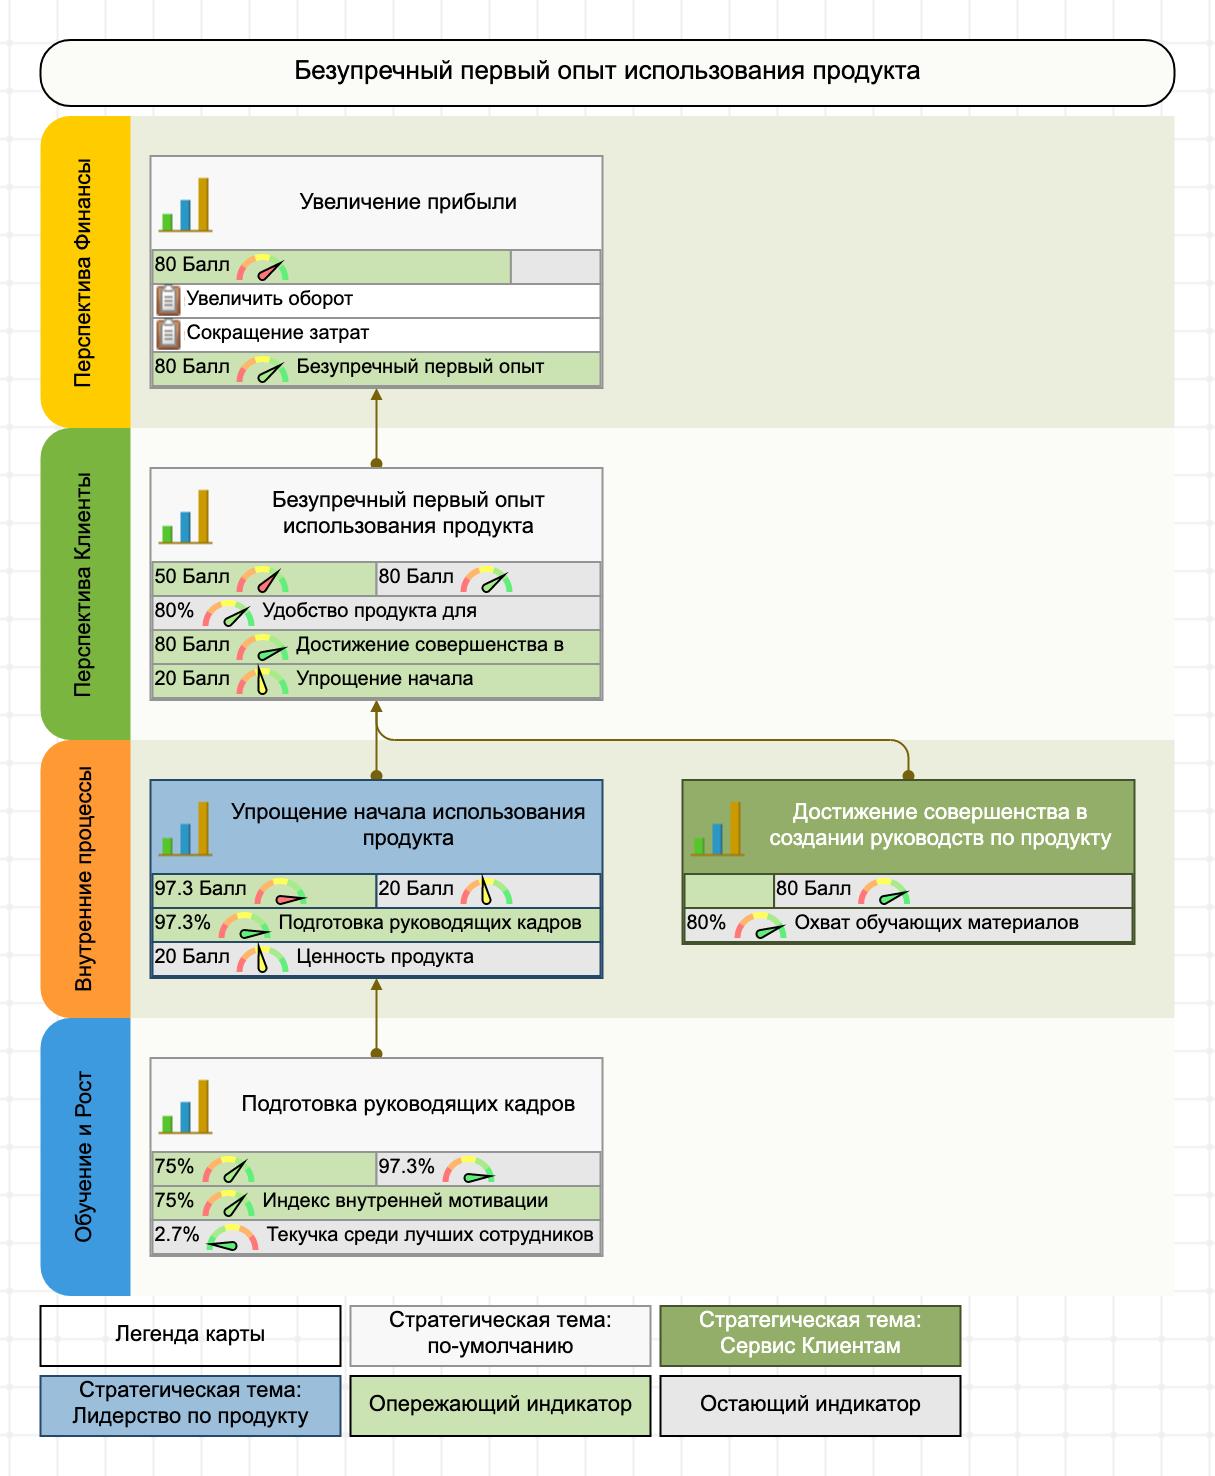 Пример стратегической карты для продукта